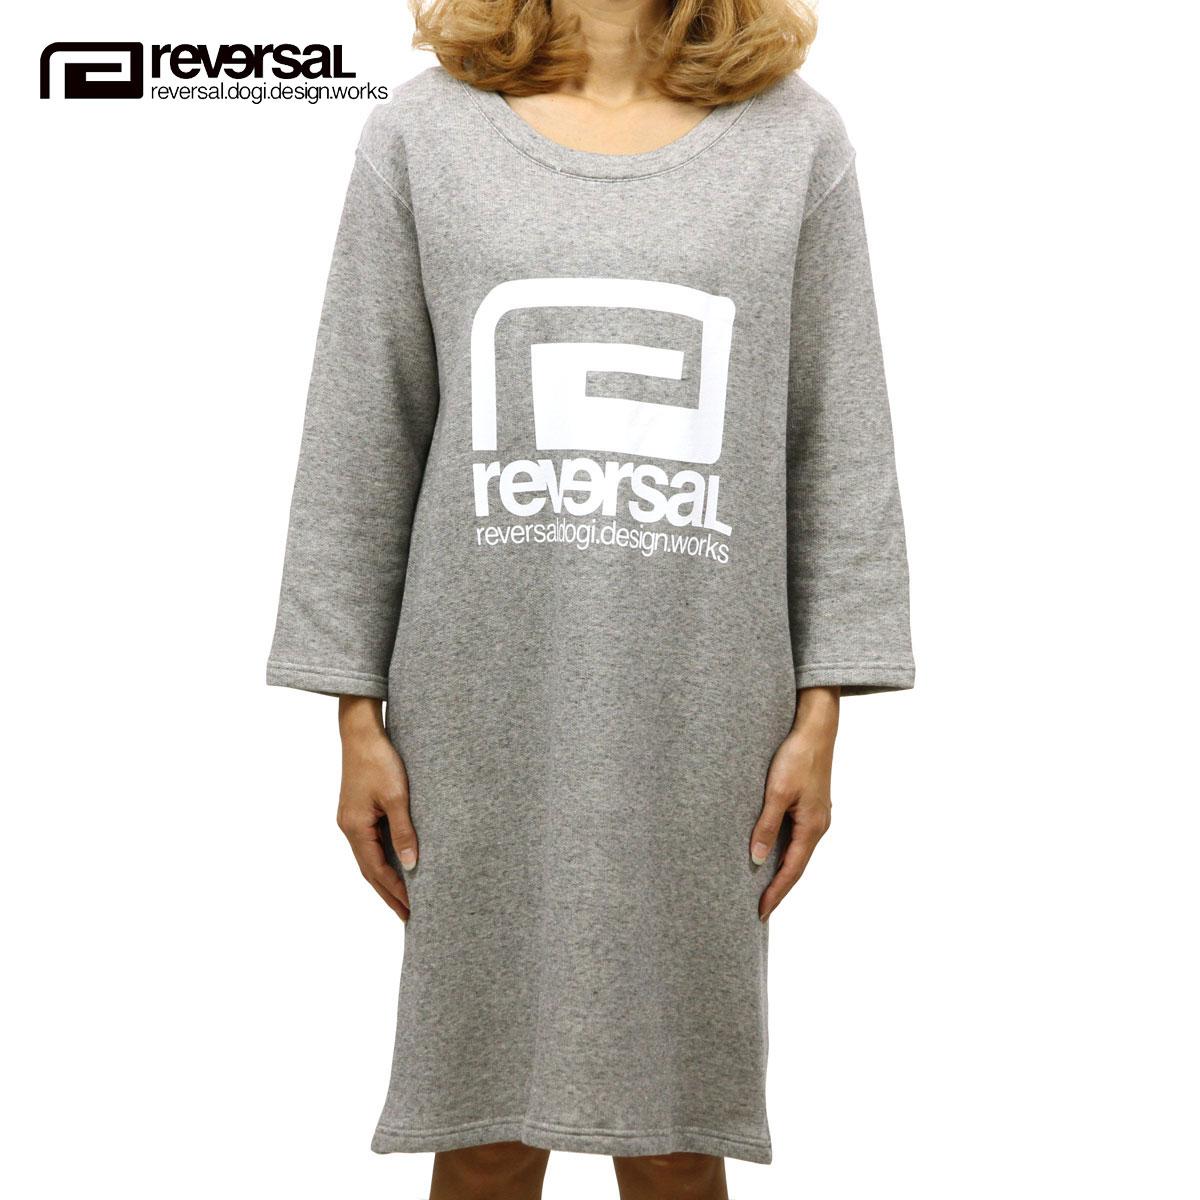 リバーサル REVERSAL 正規販売店 レディース ワンピース BIG MARK SWEAT ONEPIECE for Ladys rv17aw025 HEATHER GRAY